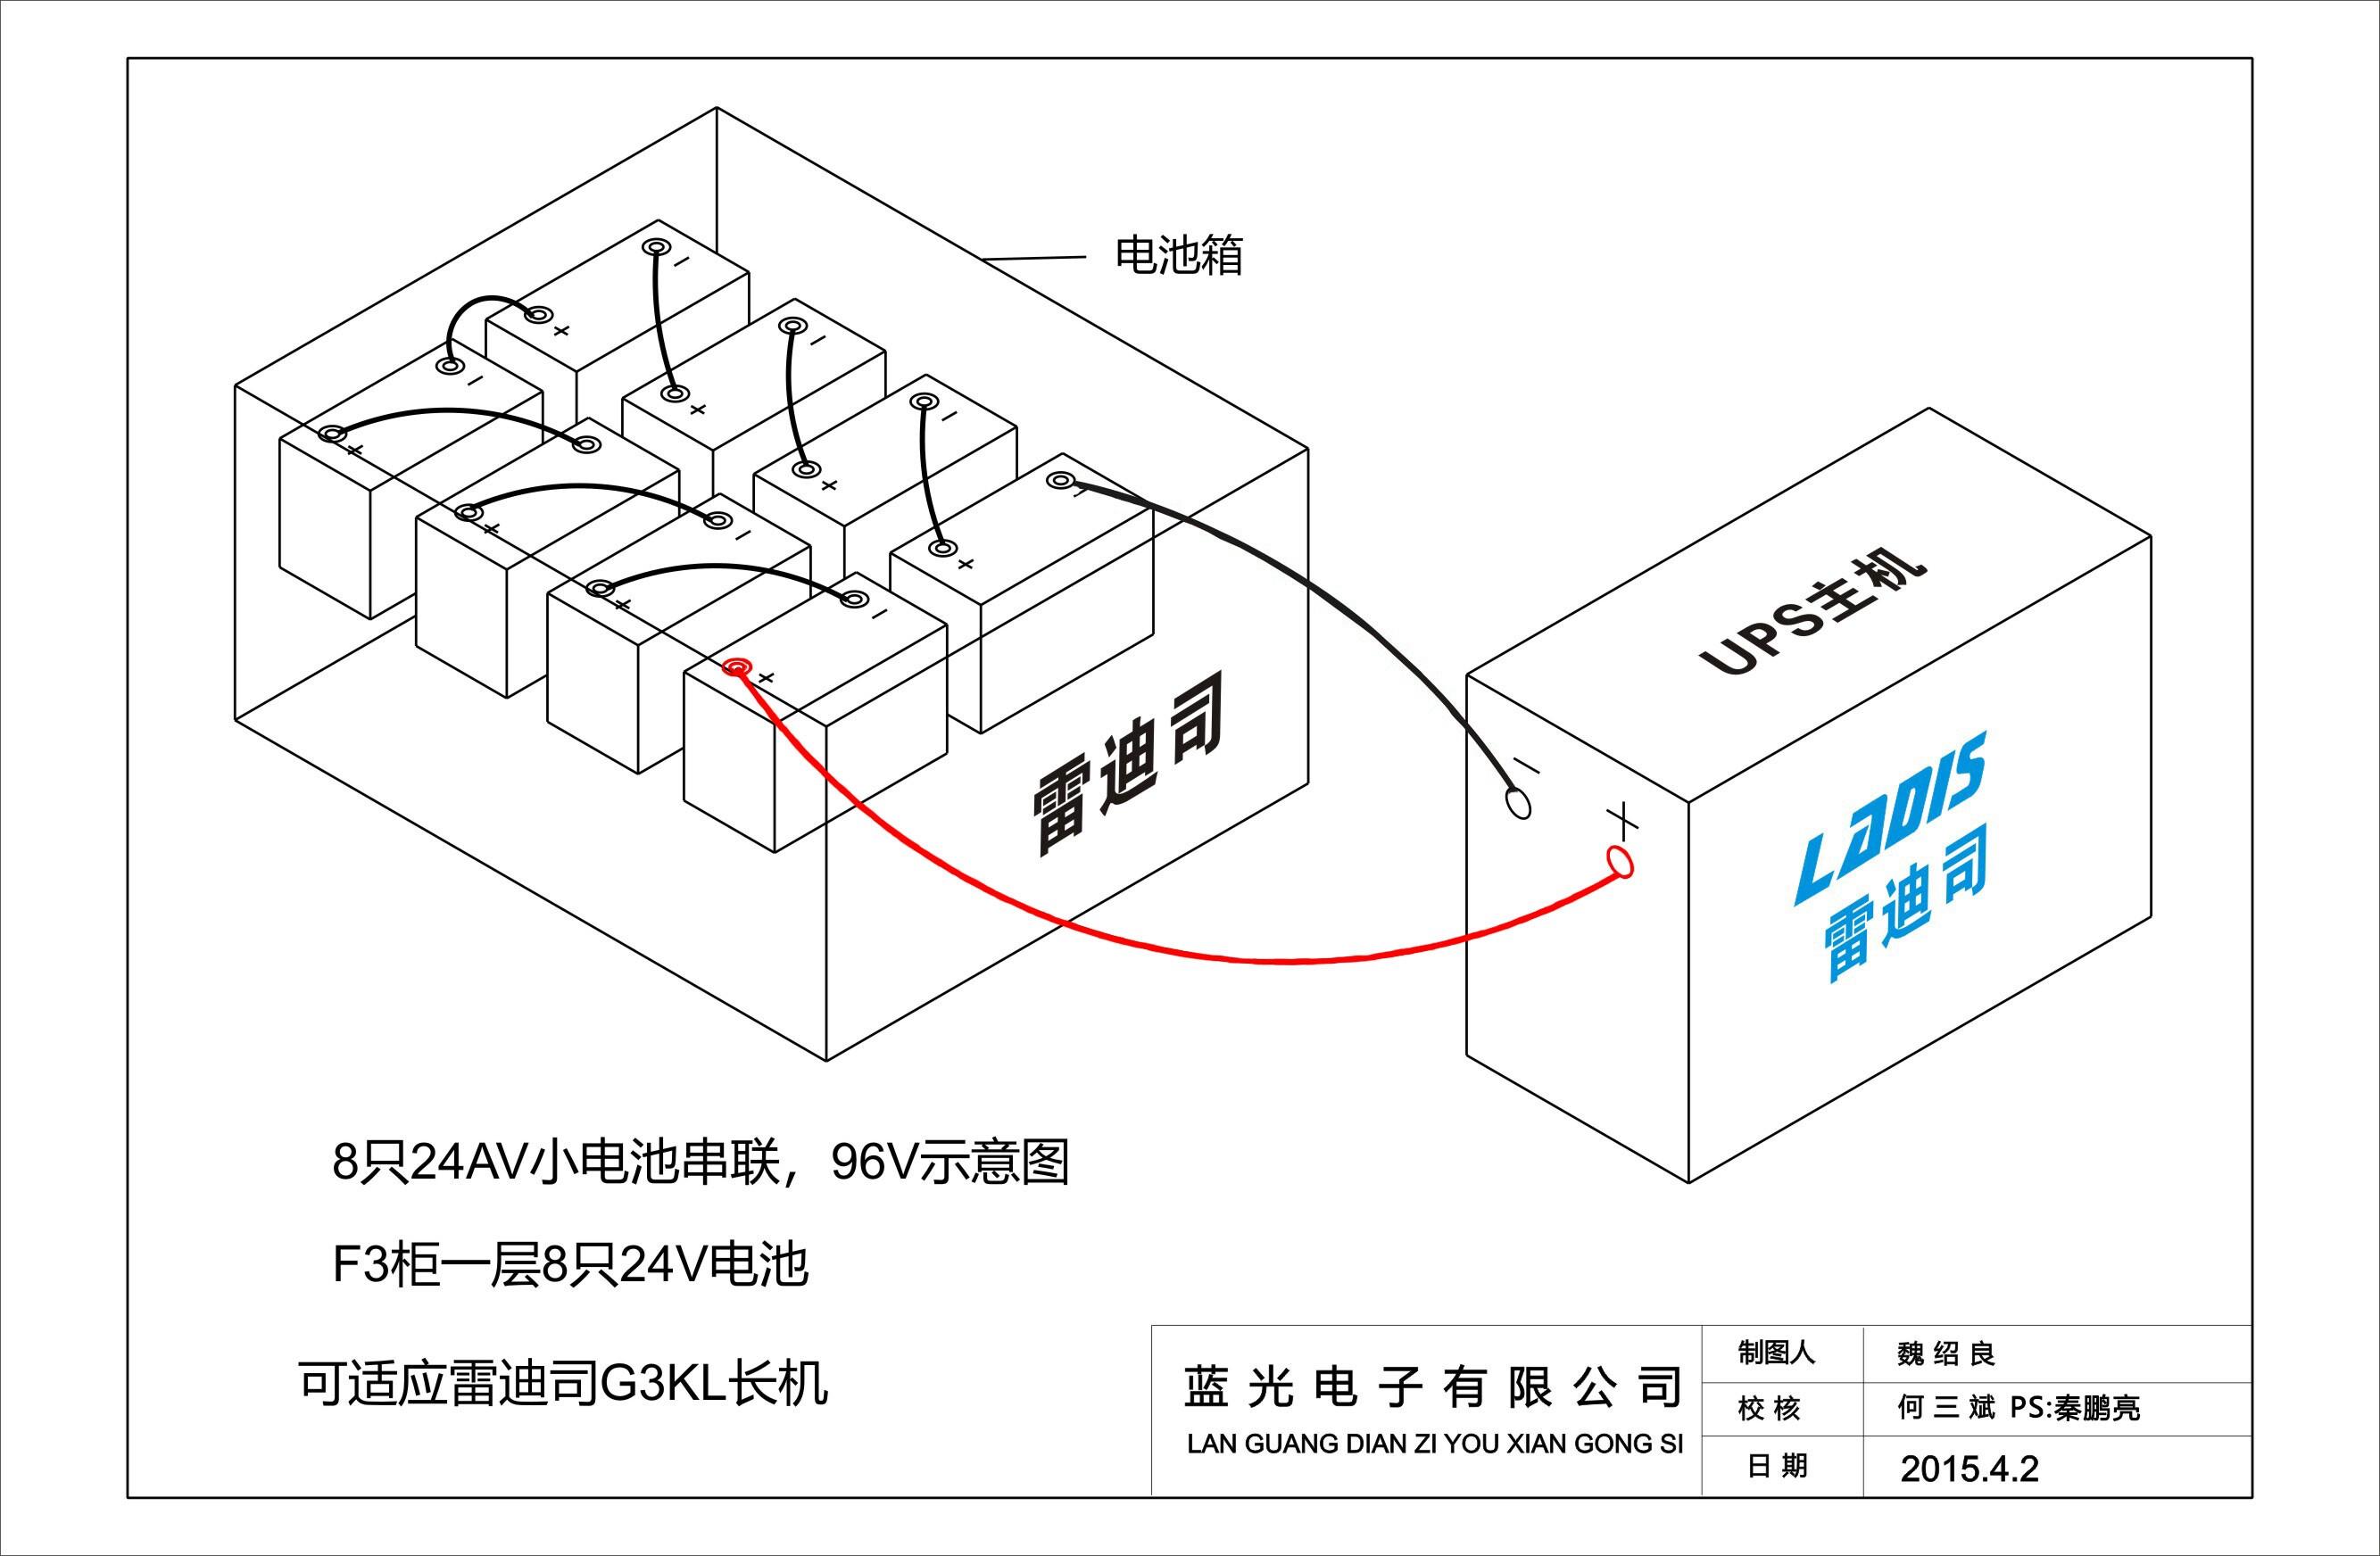 (适用于3KVA及以下带输出插座的主机) 负载要求: UPS的实际负载> 负载设备总负载;其供电时间由内置电池(外接电池)决定; 提 示: UPS电源主要适用网络设备,比如:电脑主机 液晶显示屏、服务器、监控设备、硬盘刻录器、针式打印机、猫、路由器等等网络设备(注:激光一体机(打印机)电机电风扇等产品例外算--推荐咨询在线客服) 外 接 电 池 主 机 接 线 示 意 图 查看主机型号方式:UPS机身侧面或后面[标签纸上]有标注 命 名 方 式:主机型号+电池串联(组之间并联) 以下链接为接线详图(点